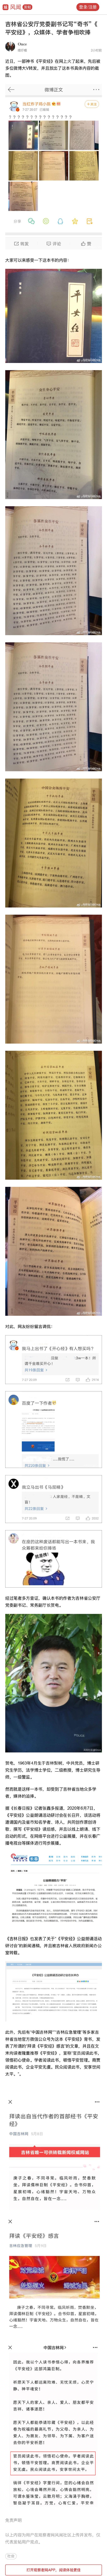 """【帮站亚洲天堂】_吉林公安厅党委副书记写""""奇书""""《平安经》,媒体学者争吹捧"""